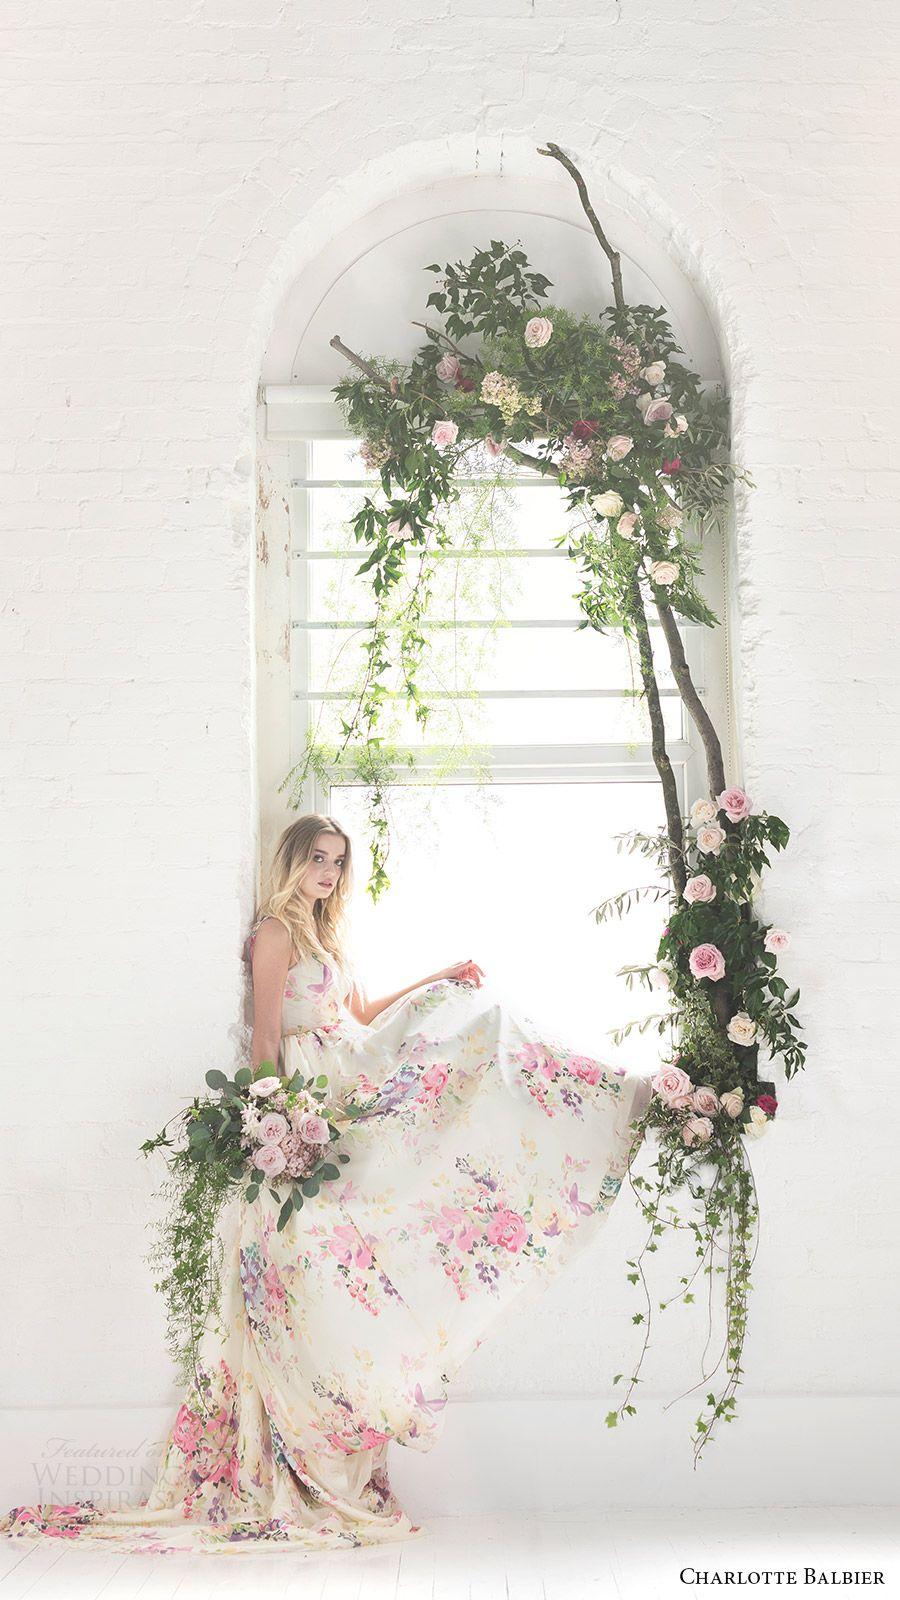 Floral print wedding dresses  Charlotte Balbier  Wedding Dresses u ucUntamed Loveud Bridal